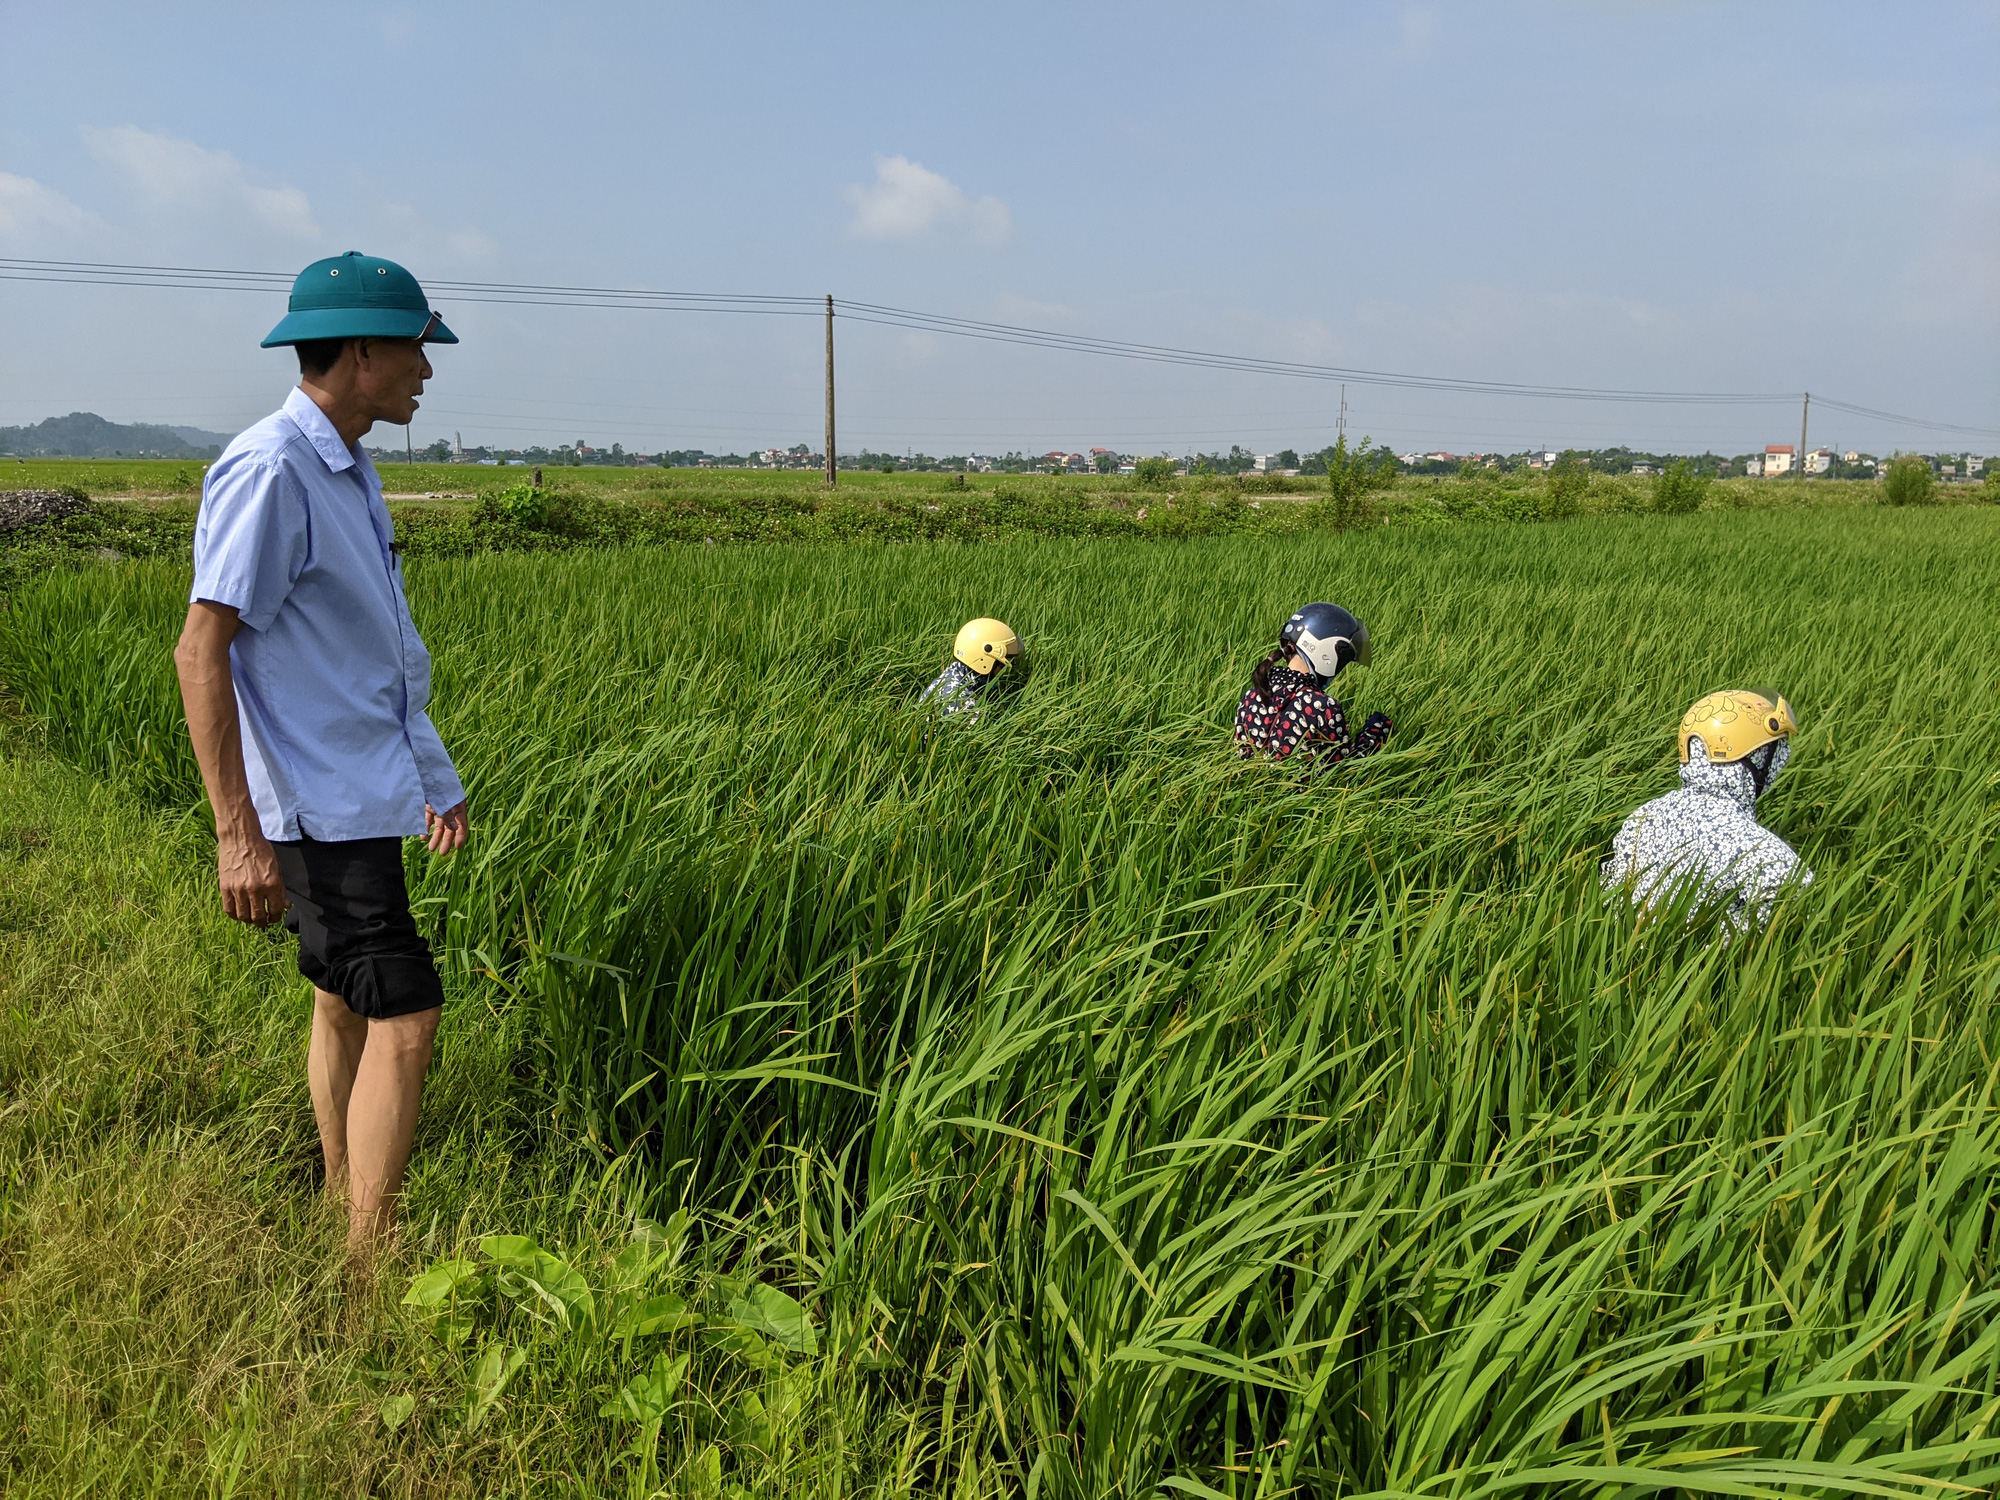 Các tỉnh phía Bắc: Giữ lúa mùa an toàn trước sâu bệnh  - Ảnh 1.